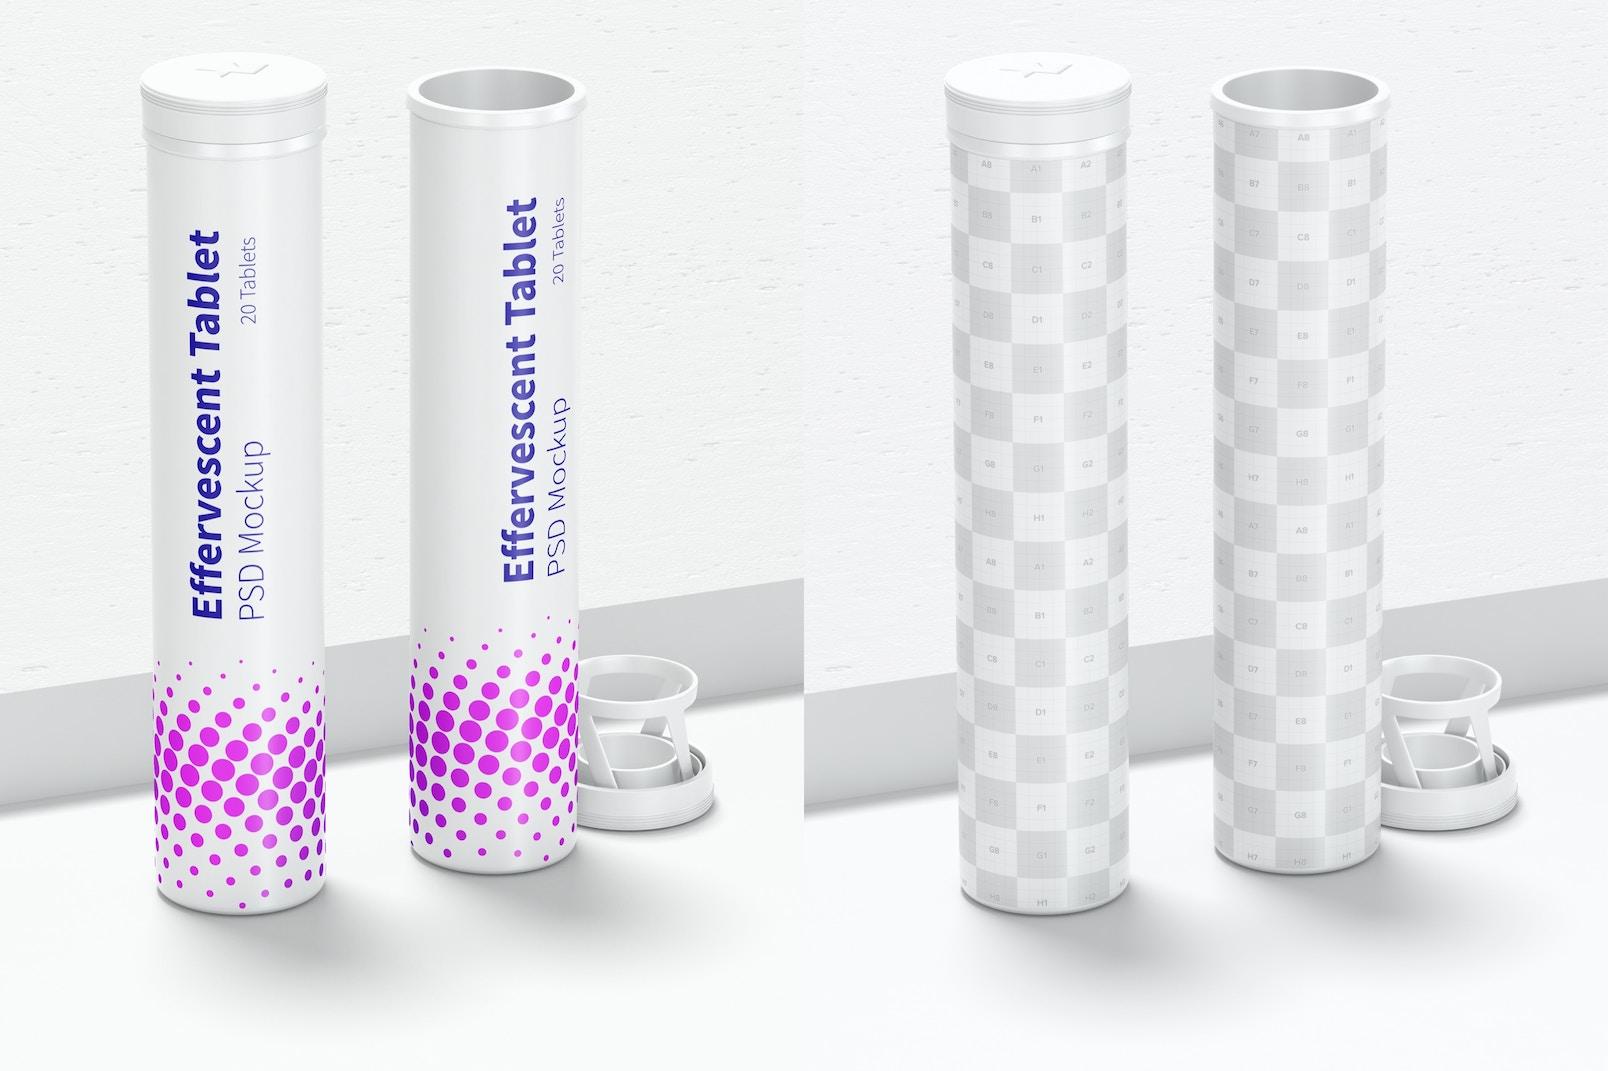 Effervescent Tablet Bottles Mockup, Front View